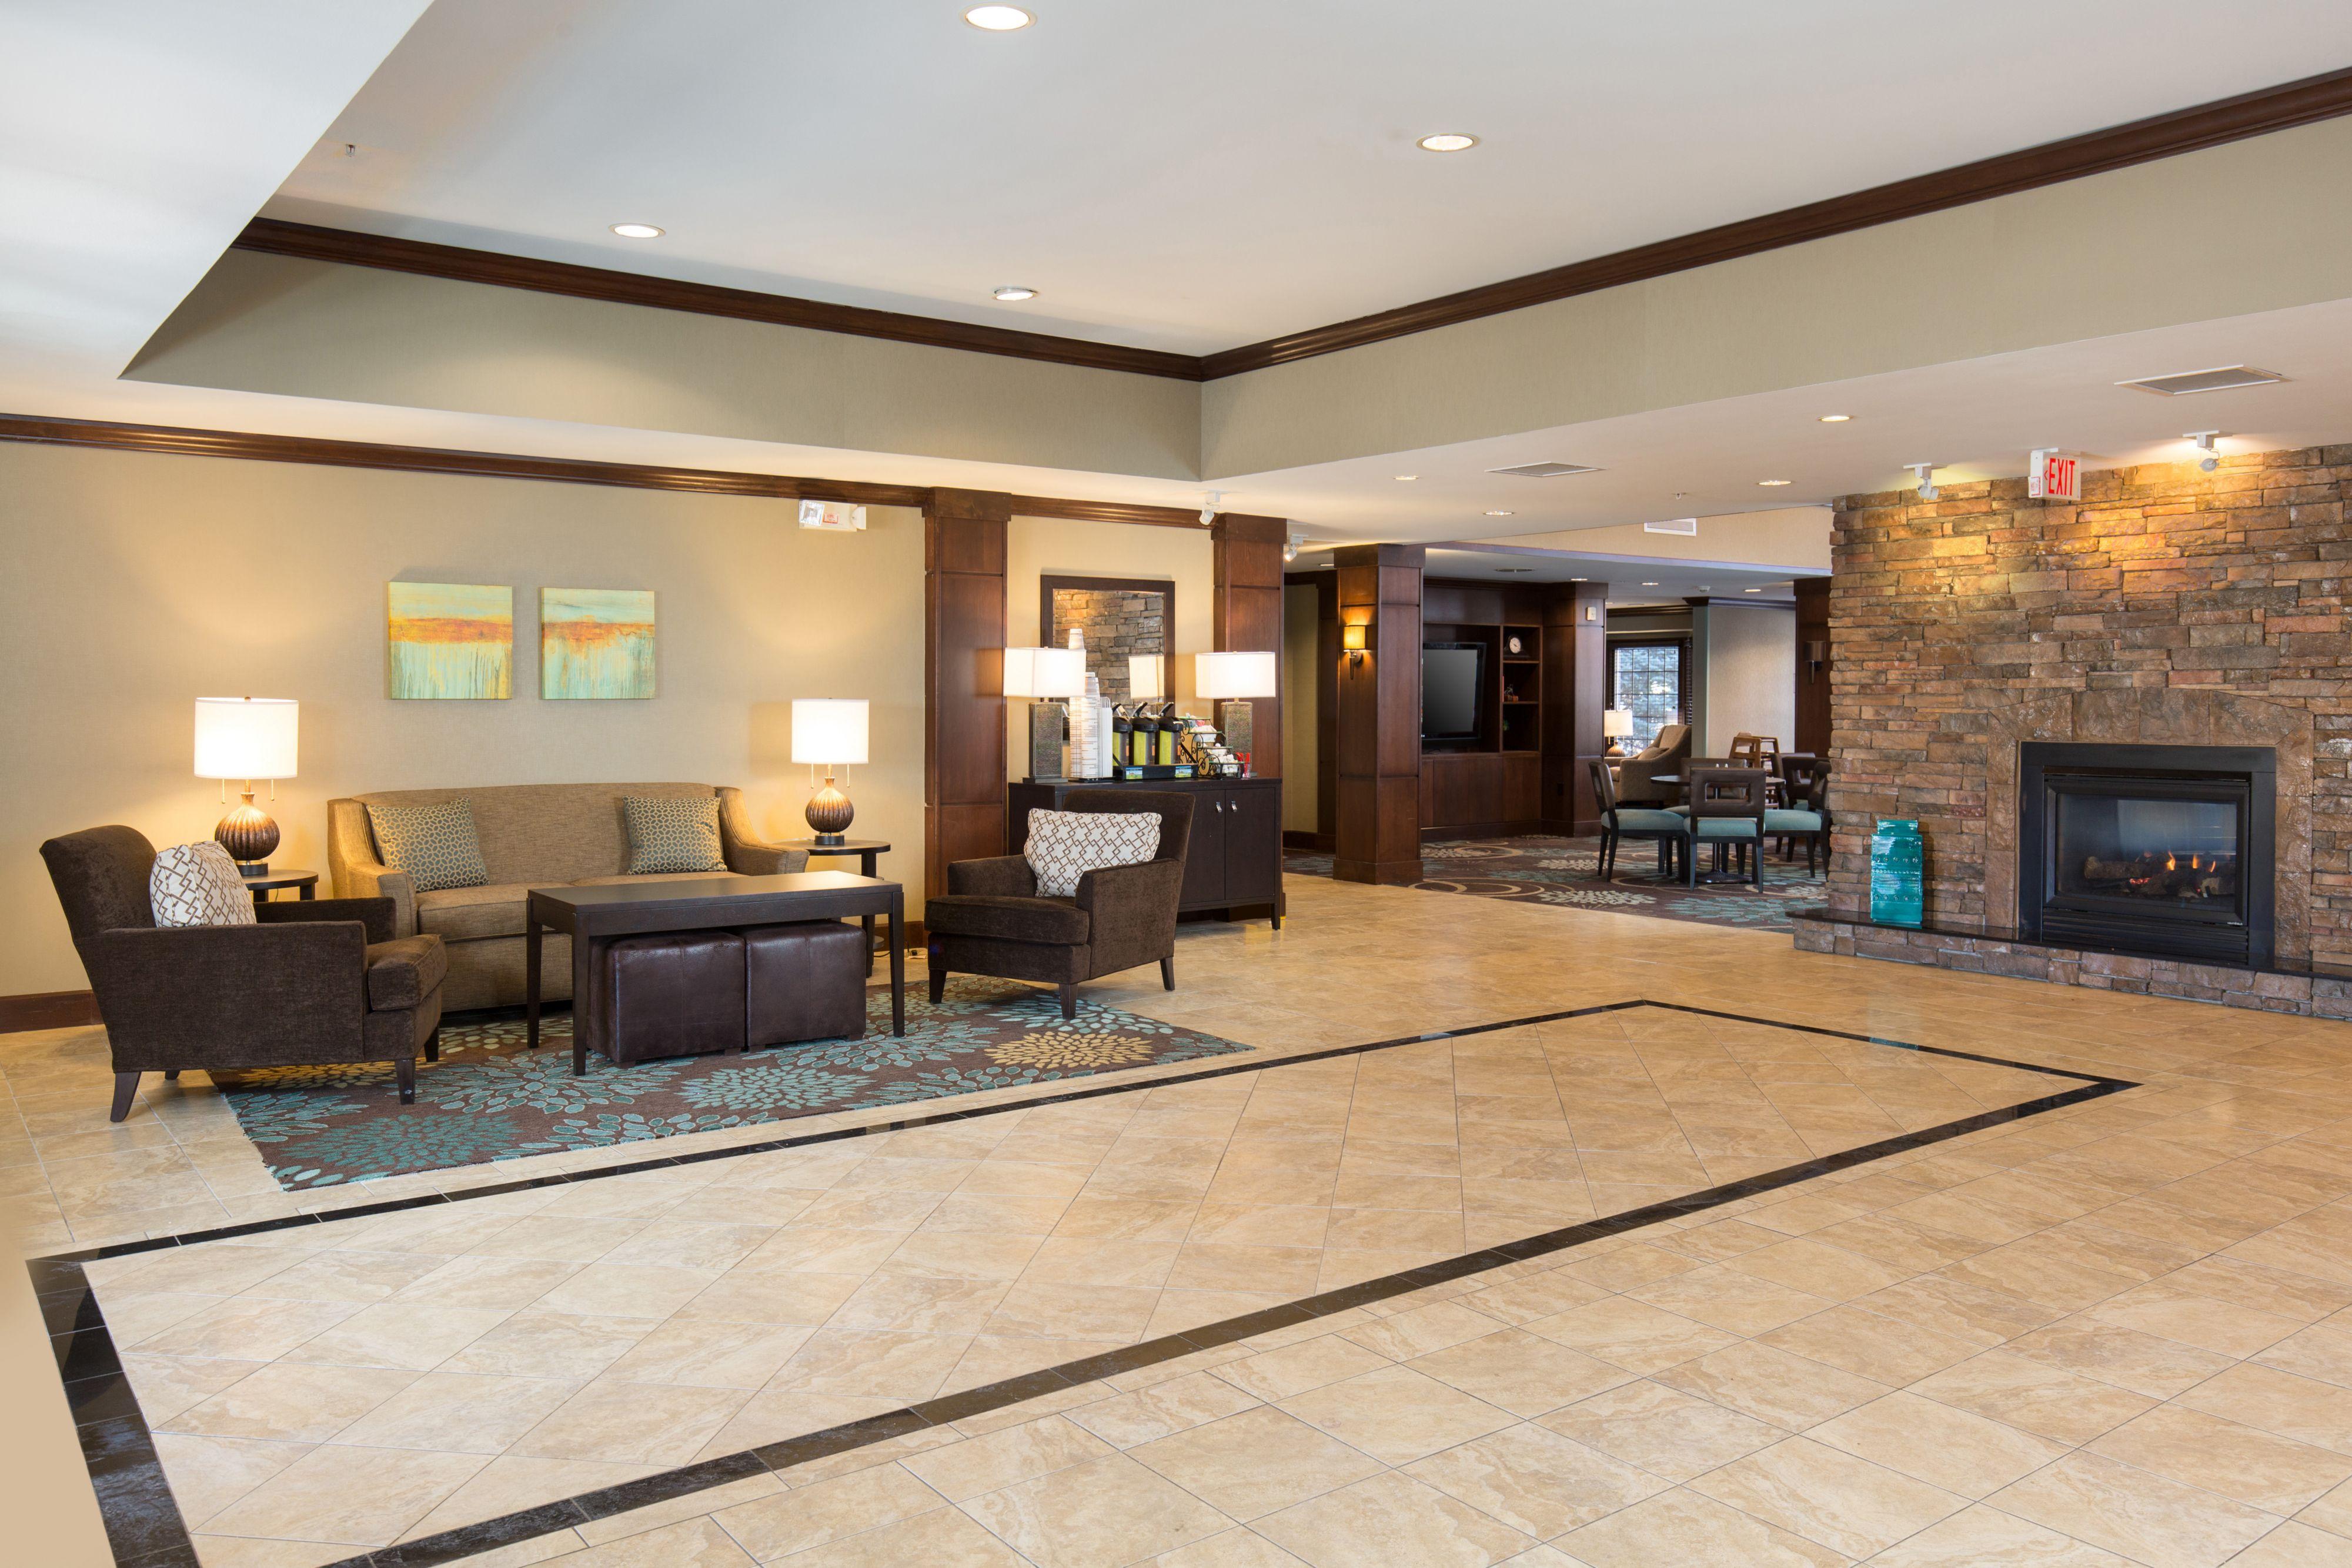 Staybridge Suites Toledo - Maumee image 4